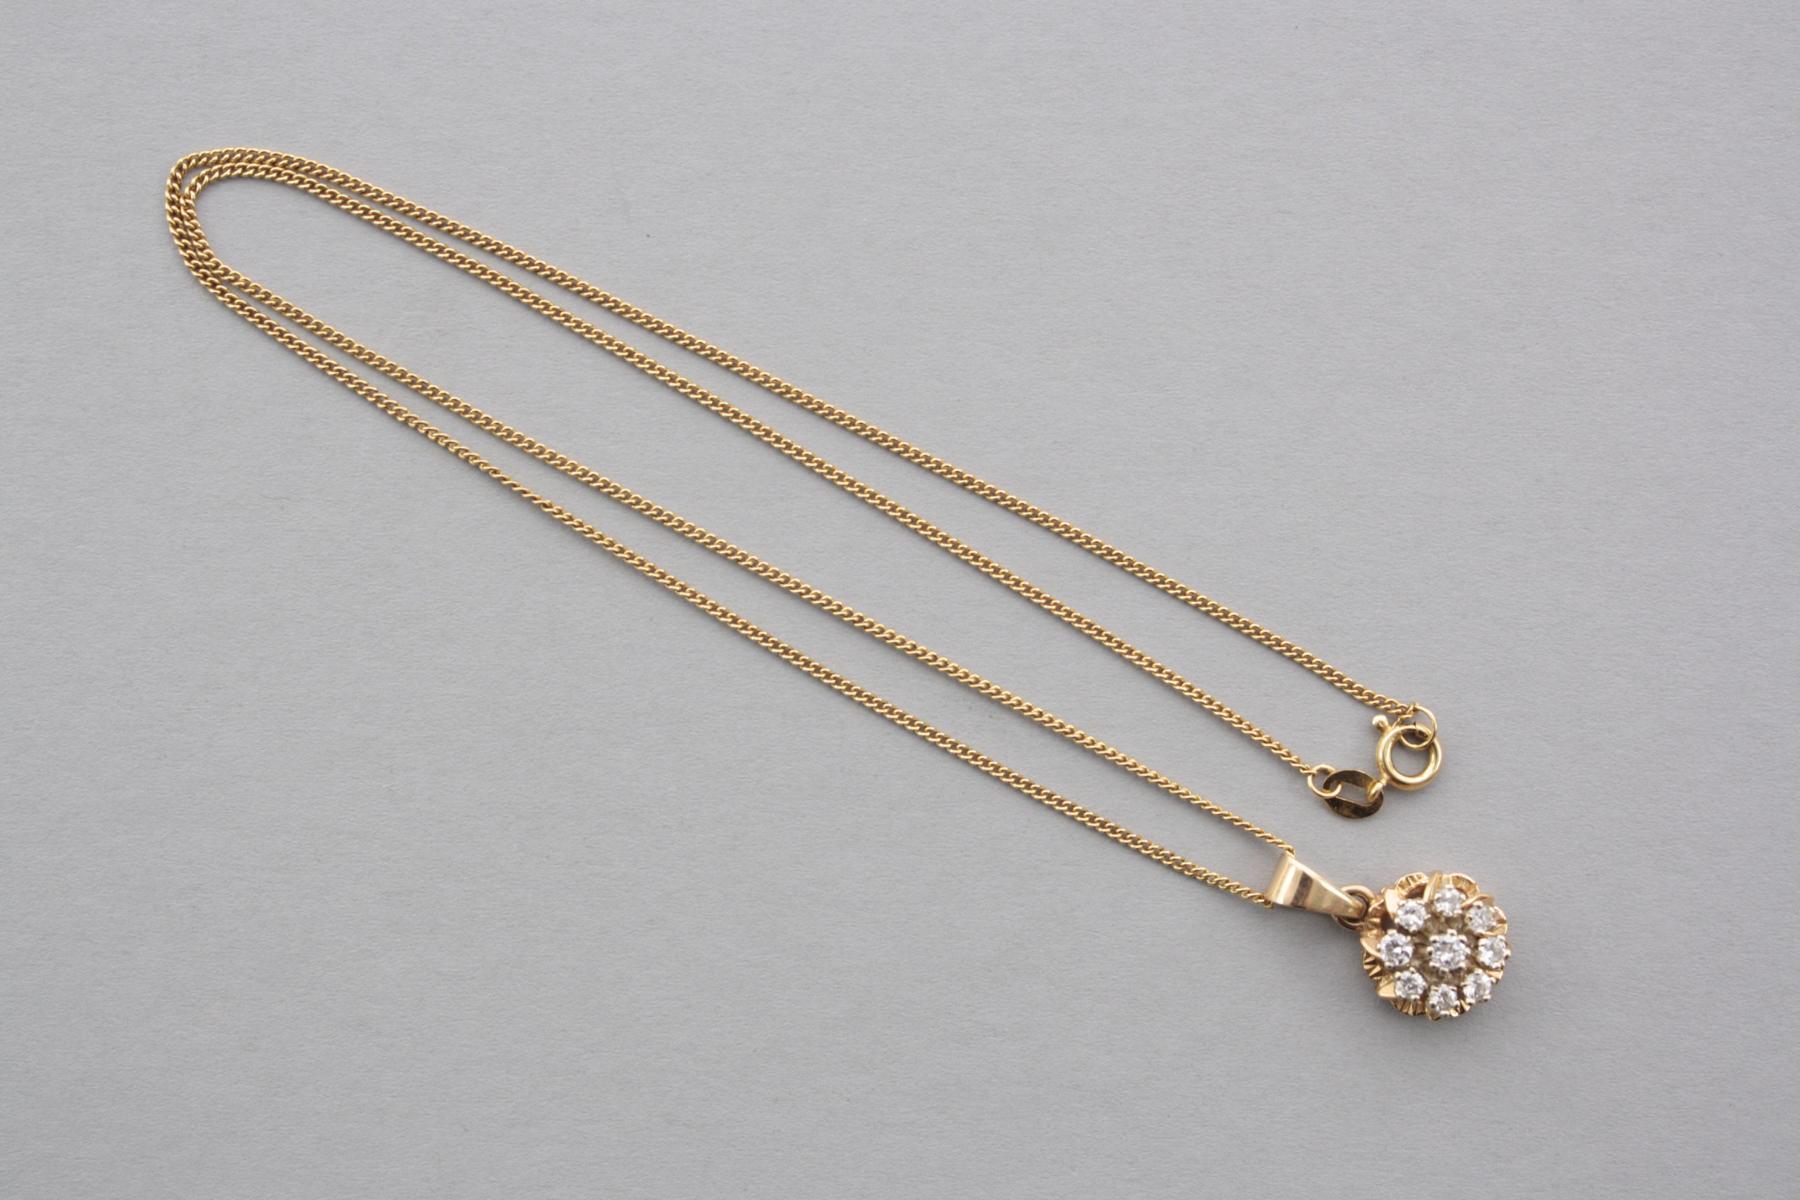 Halskette mit Diamantanhänger, 18 Karat Gelbgold